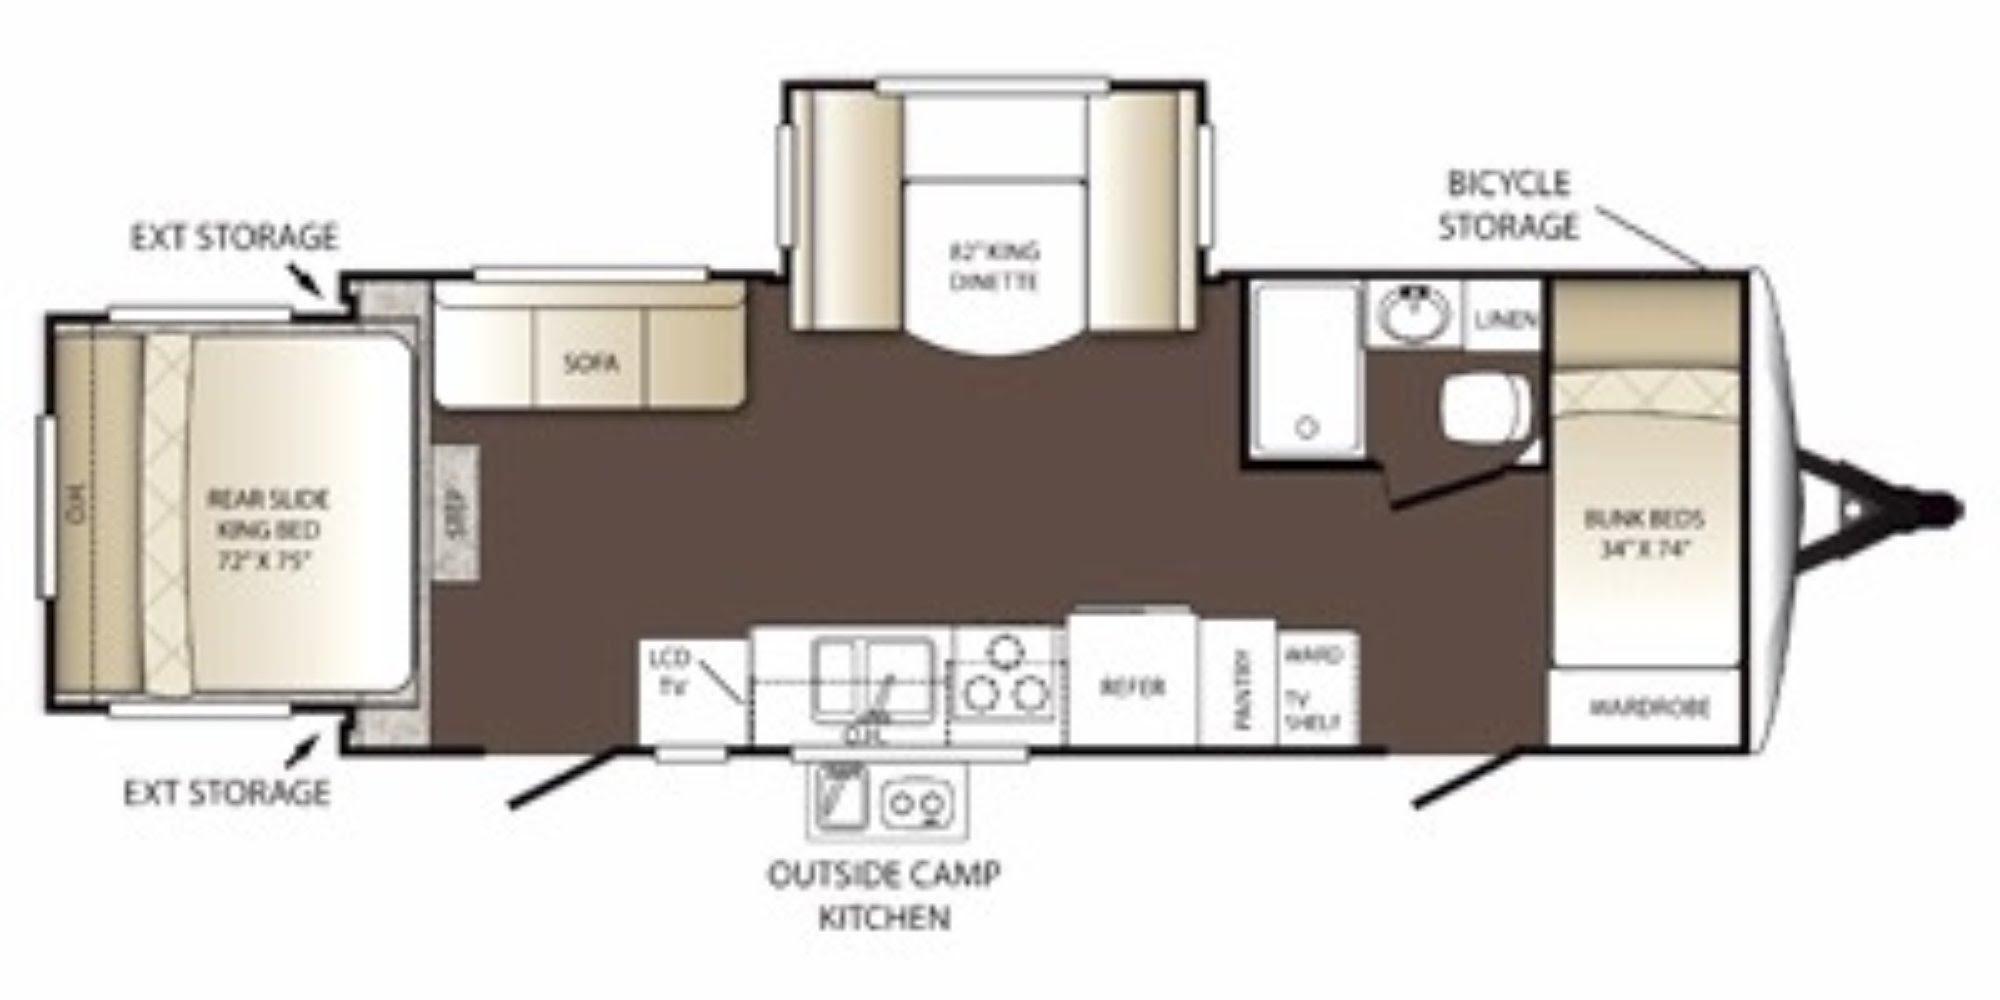 Keystone Travel Trailer Wiring Diagram